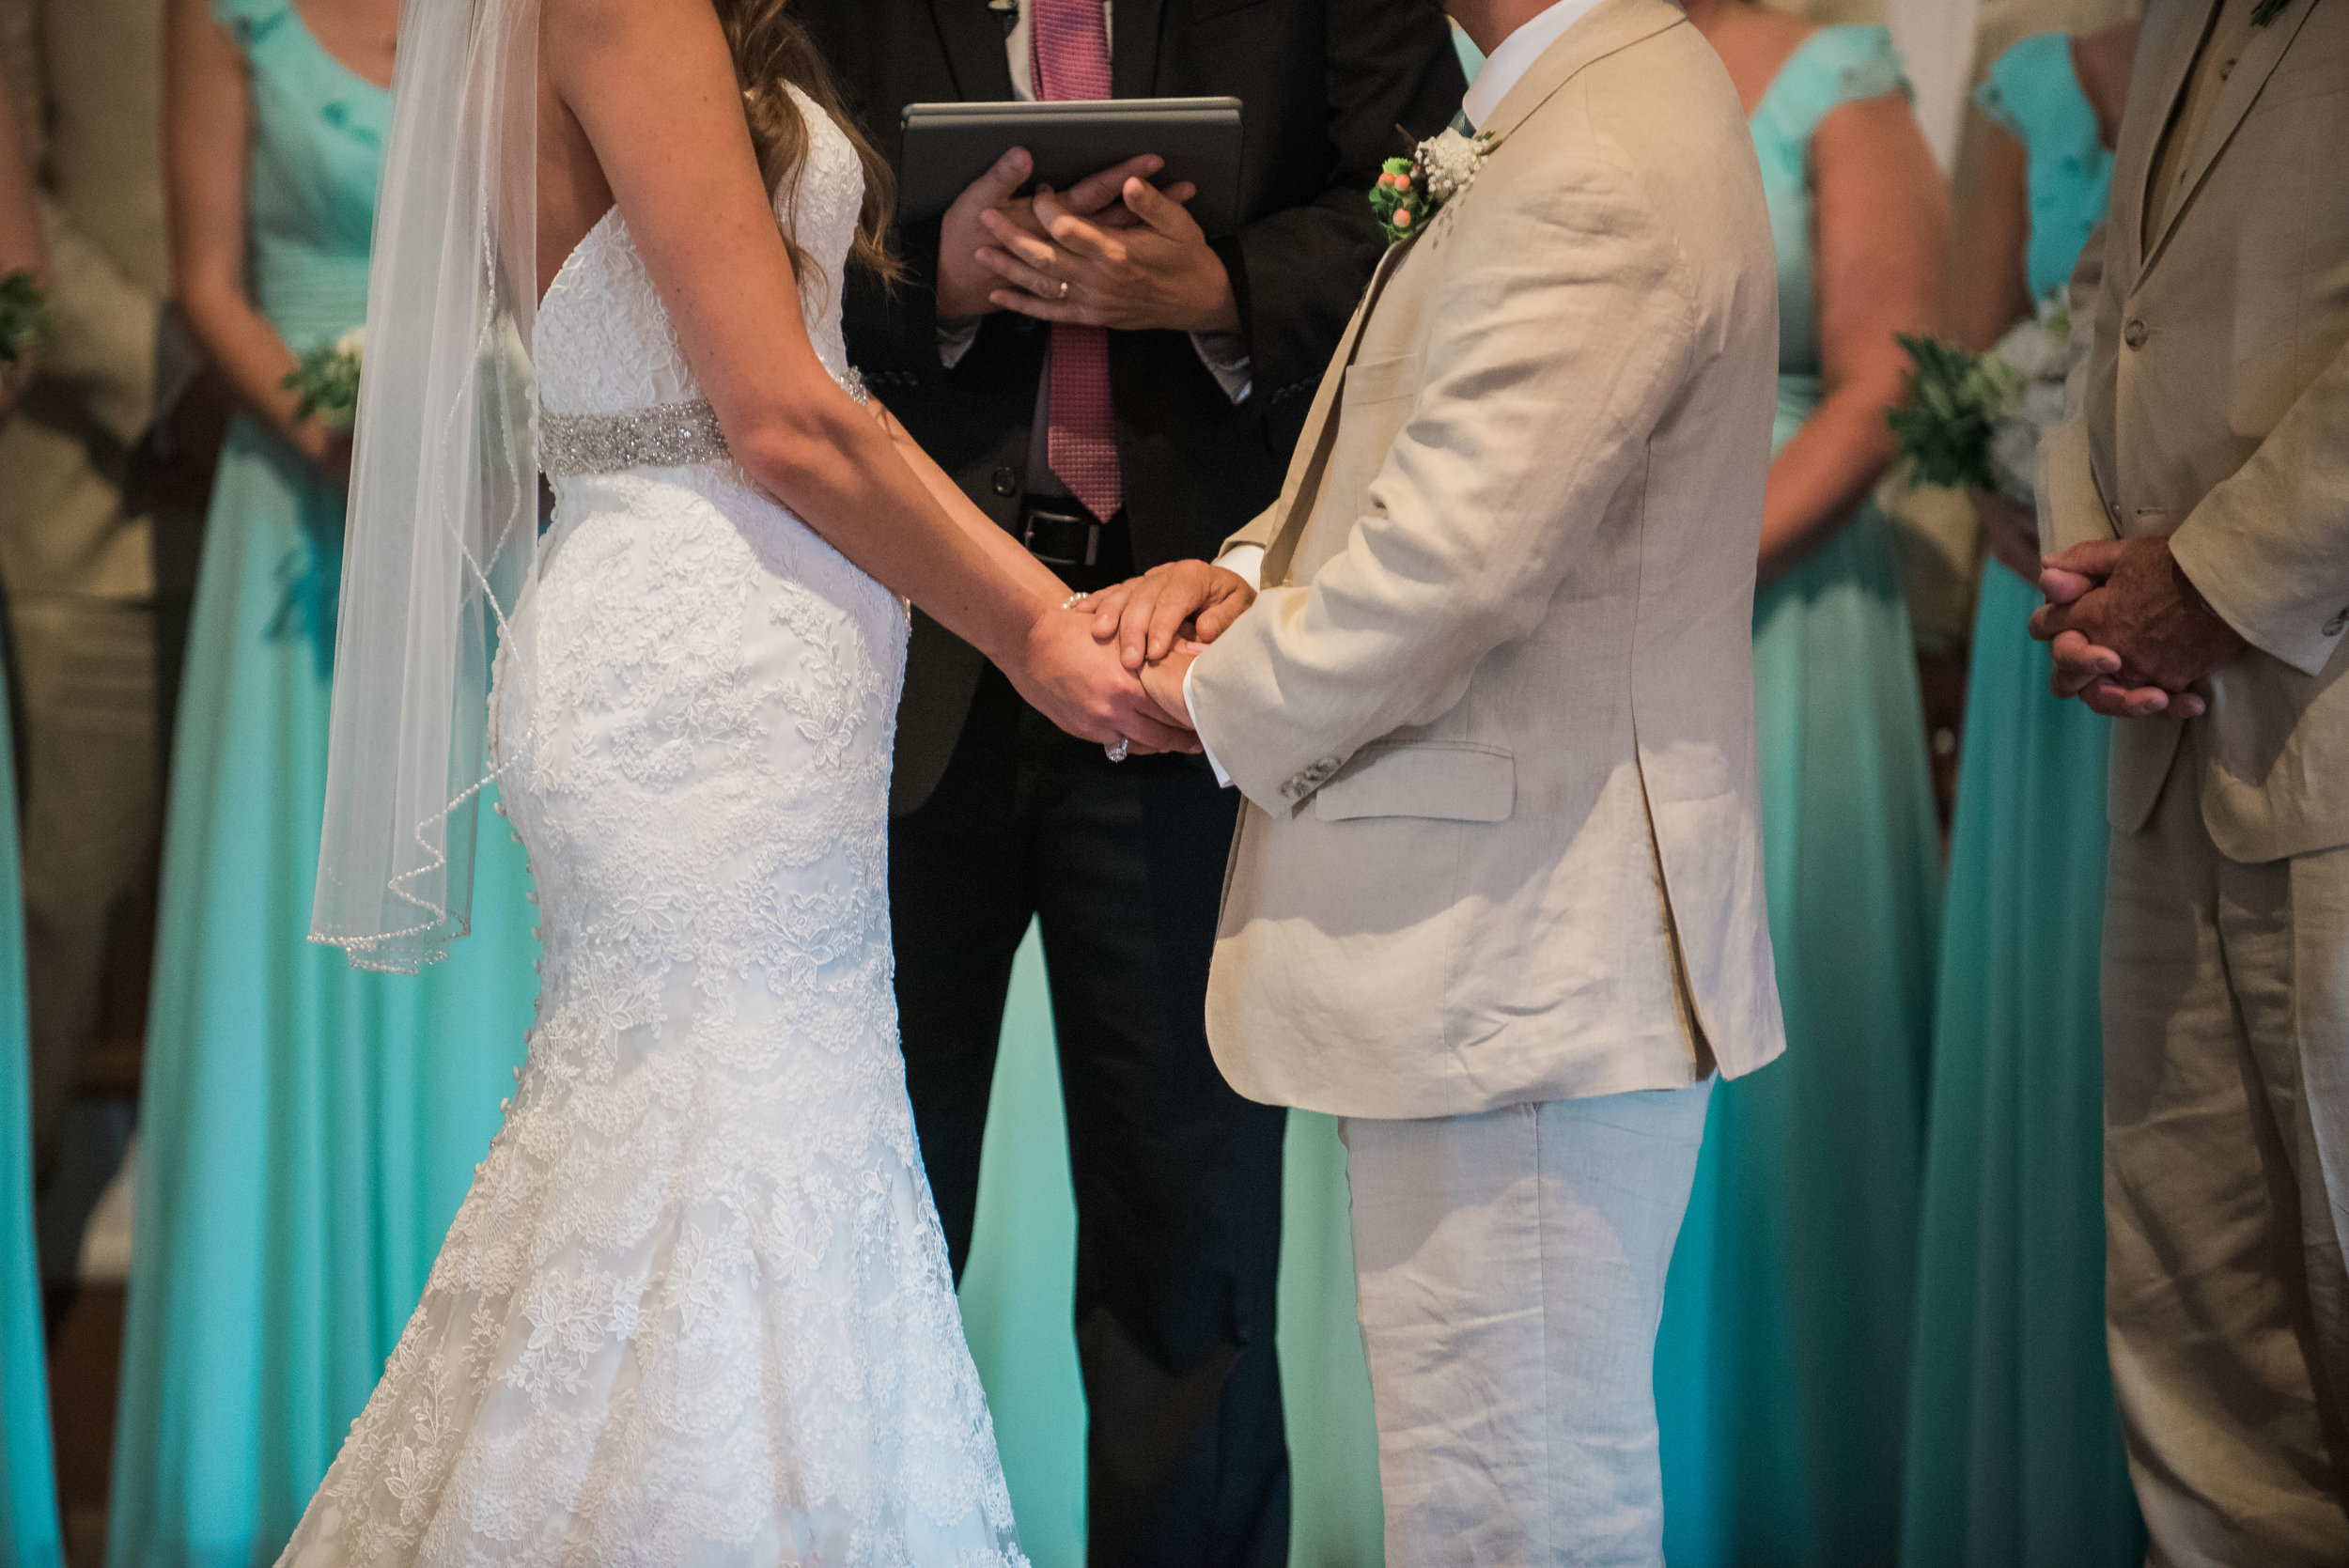 Alex-and-Joel-Pawelys-Plantation-Golf-and-Country-Club-Wedding-201.jpg